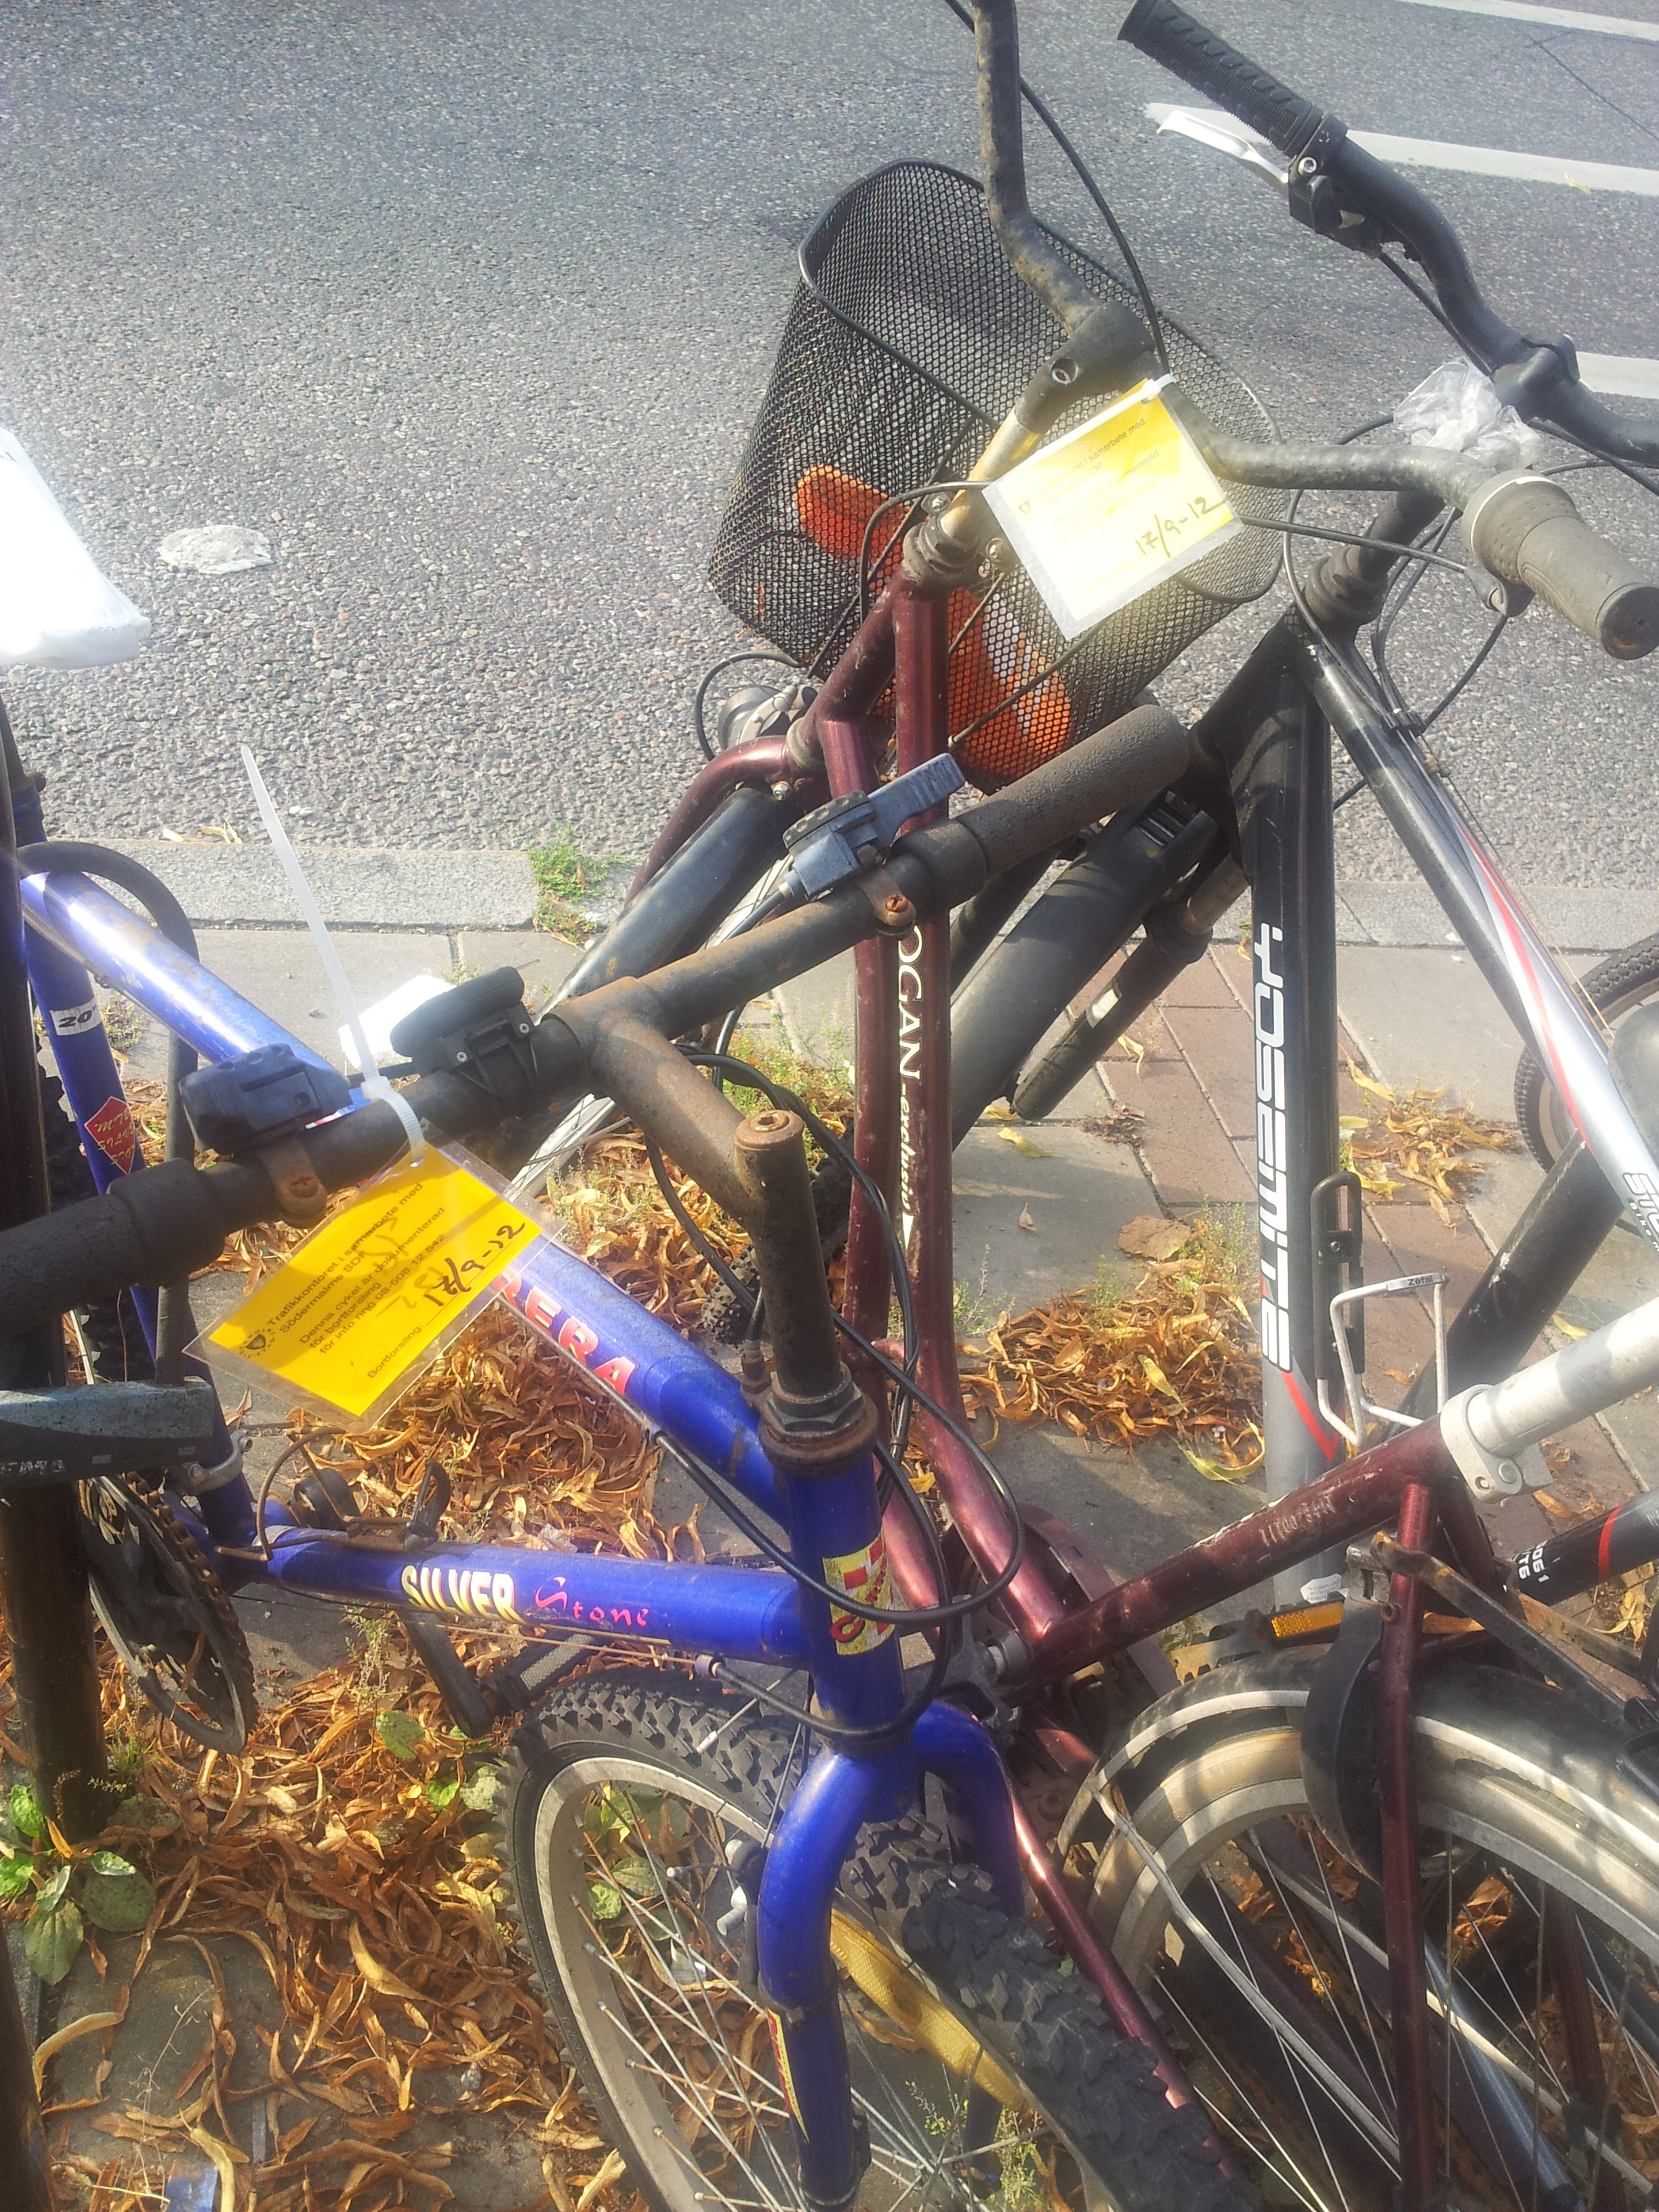 Lappade cyklar